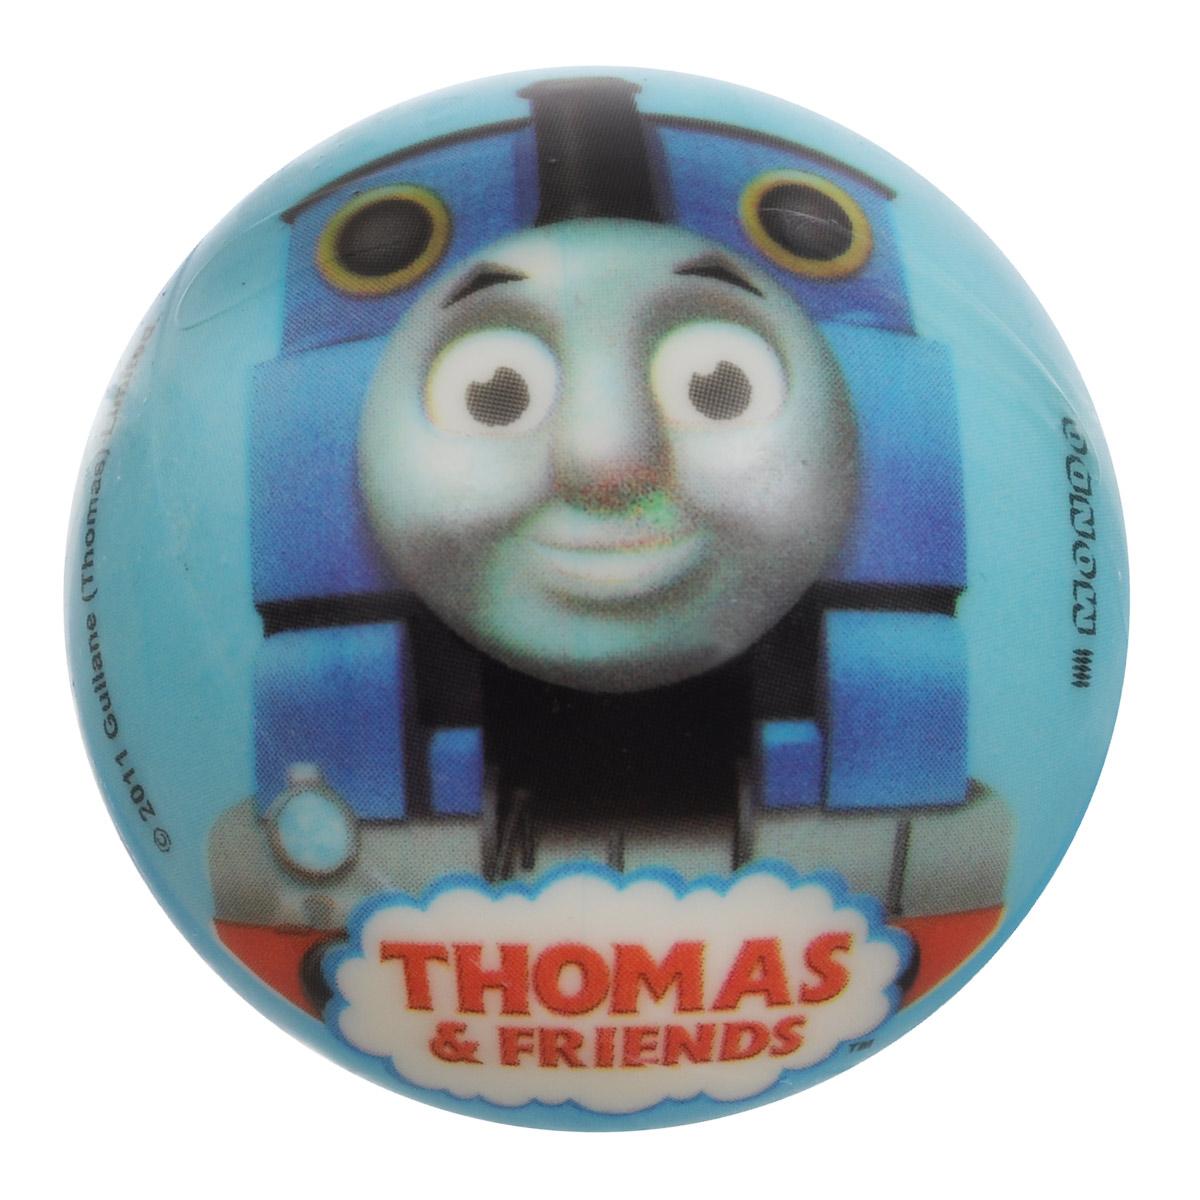 Мяч Mondo Томас, 6 см, в ассортименте05/568Мяч Mondo Томас непременно понравится вашему малышу. Маленький мячик Томас изготовлен из полимерного материала высокого качества и абсолютно безопасен для здоровья Вашего ребенка. Мячик отличается высокой износостойкостью и прекрасным качеством принта - изображение не стирается и не выцветает долгое время. Мячик оформлен красочным изображением паровозика из популярного мультика Паровозик Томас и его друзья. Игра в мяч - отличное решение для непоседливого ребенка, чтобы направить его энергию в нужное русло! Небольшой мячик идеально подойдет для легких и веселых детских игр в песочнице или на большой площадке, тем более что игрушка очень хорошо отскакивает от земли и стен, легко летает и очень прочная. Занятия с мячом развивают координацию и ловкость, а кроме того, способствуют социализации и развитию навыков общения со сверстниками. УВАЖАЕМЫЕ КЛИЕНТЫ! Товар поставляется в ассортименте. Поставка осуществляется в одном из приведенных вариантов в...